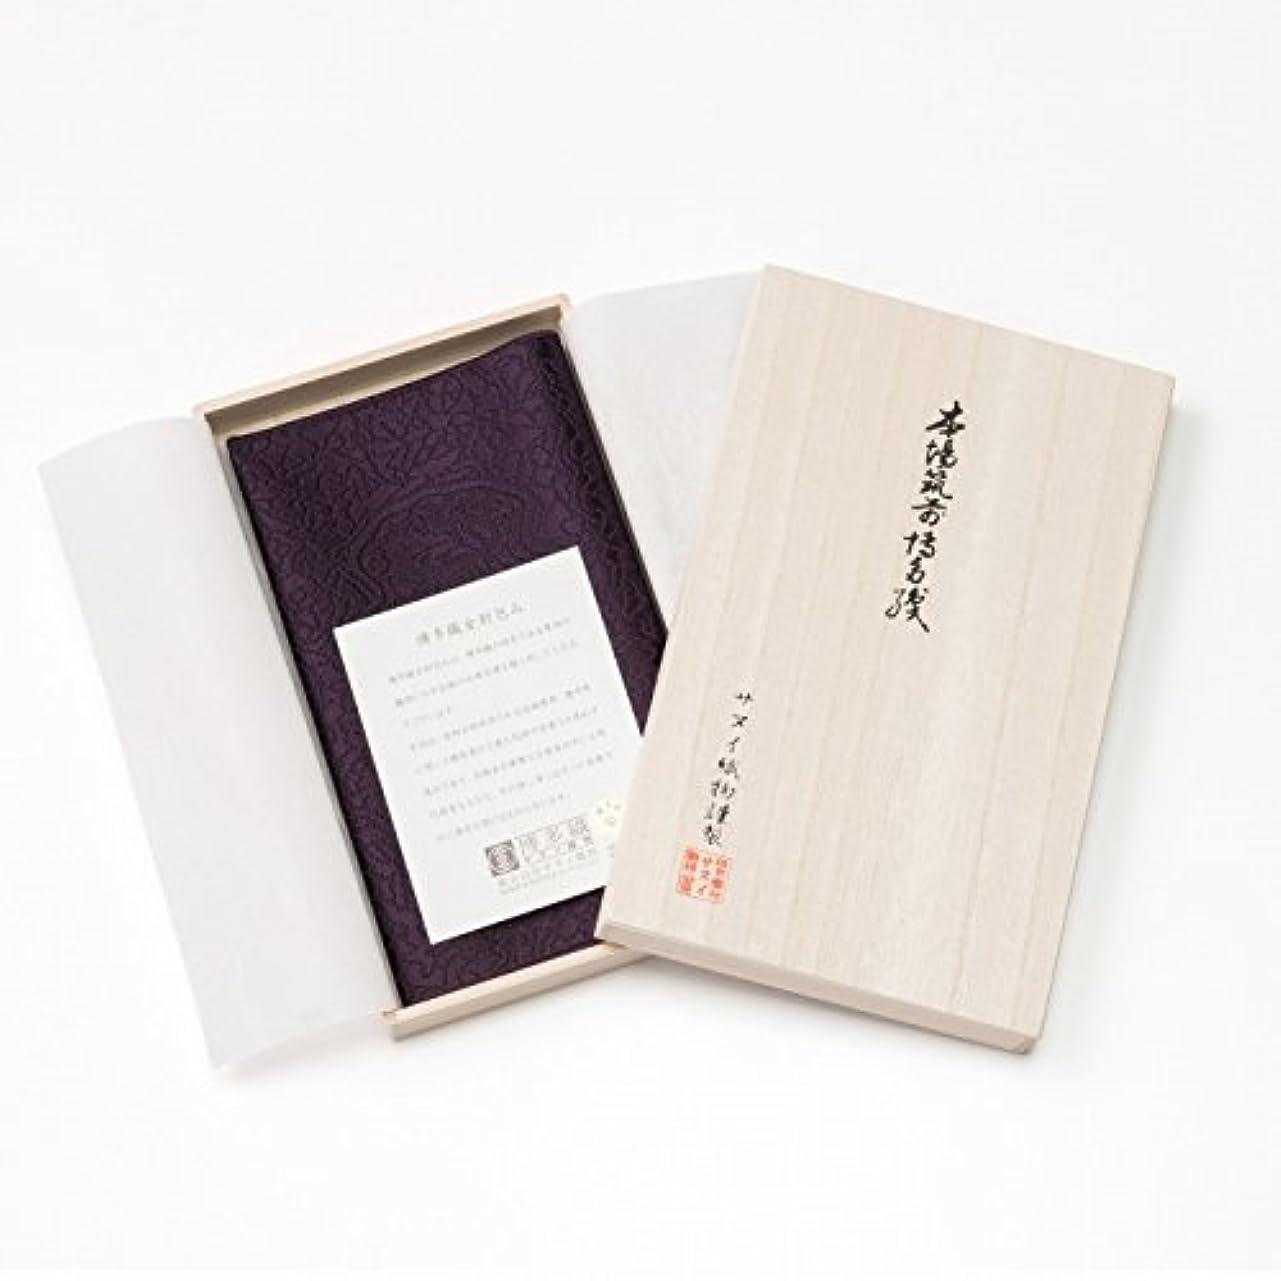 細分化するせせらぎ区別する金封ふくさ 博多織 S-38020 紫 慶弔両用 正絹 日本製